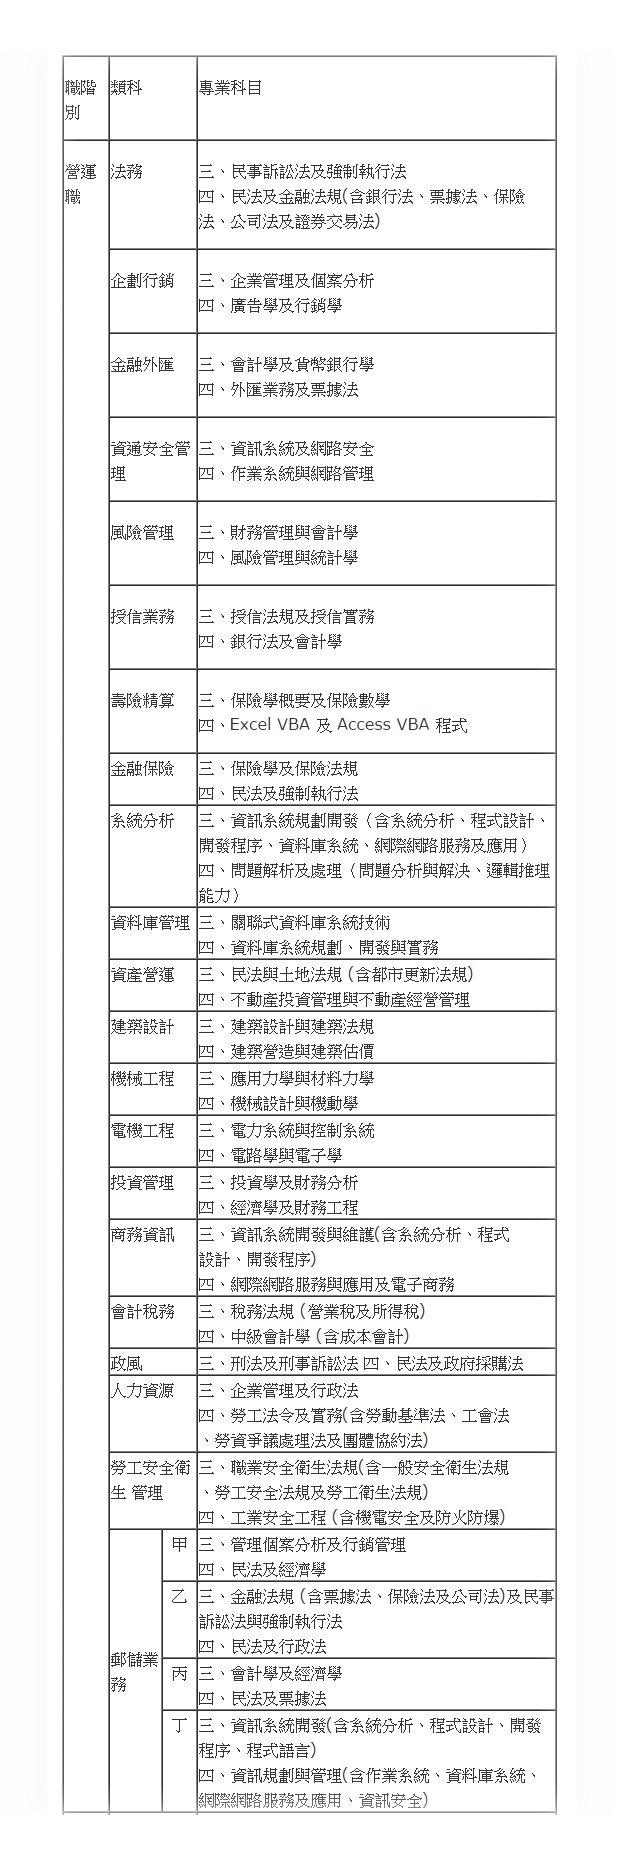 中華郵政股份有限公司職階人員筆試應試科目表